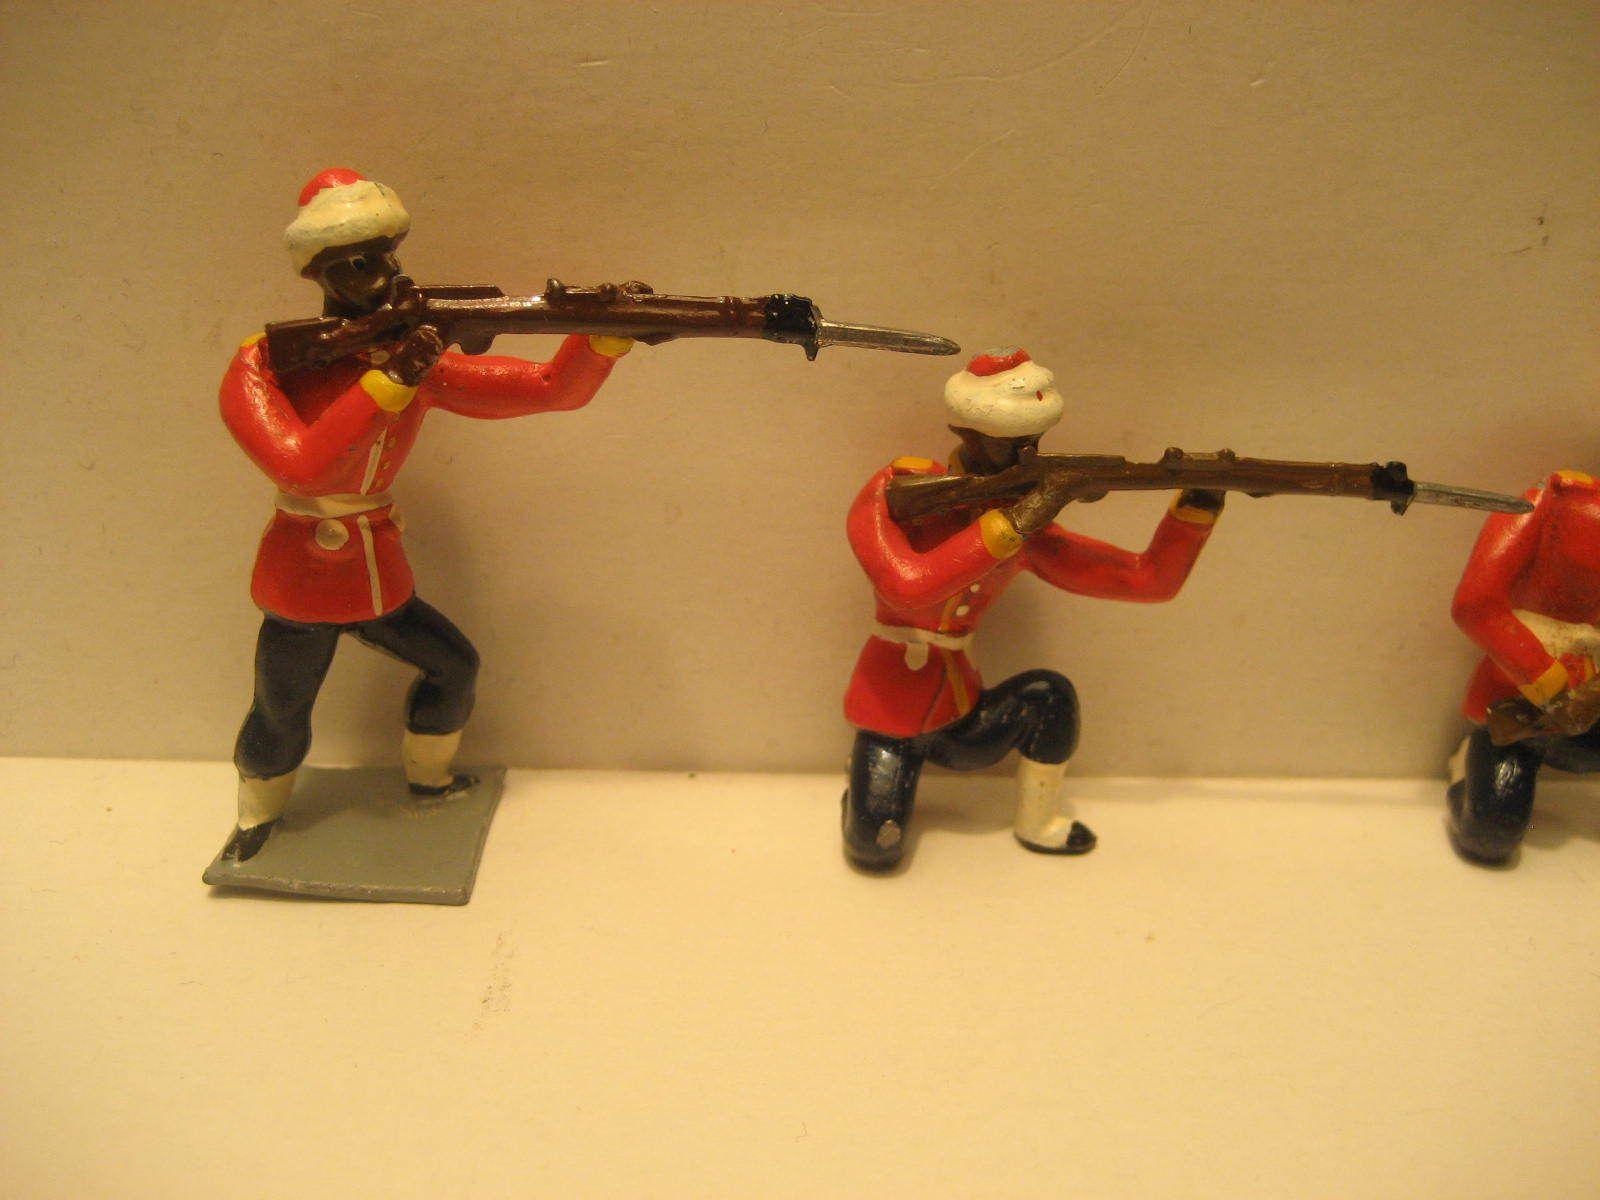 Vintage lead soldiers